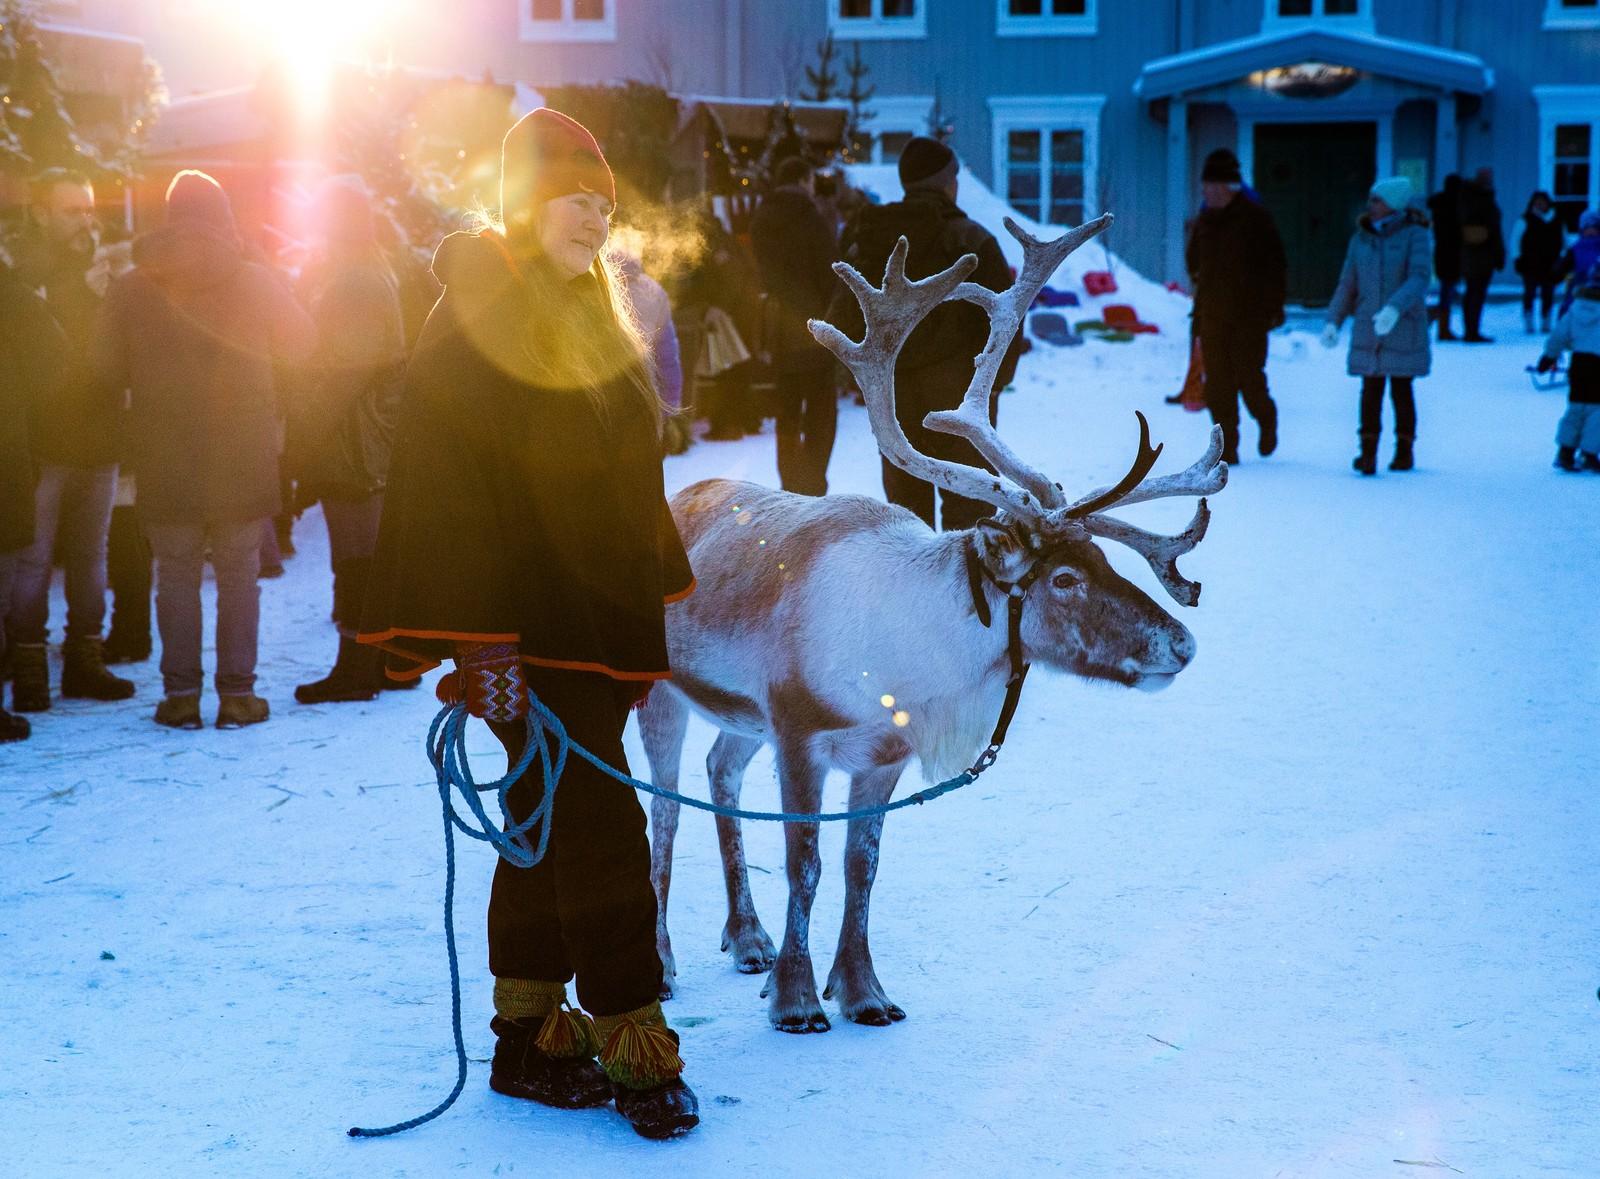 Karianne Søberg stilte opp med et reinsdyr midt i Bergmannsgata, som et trekkplaster til Rørosrein sin stand.